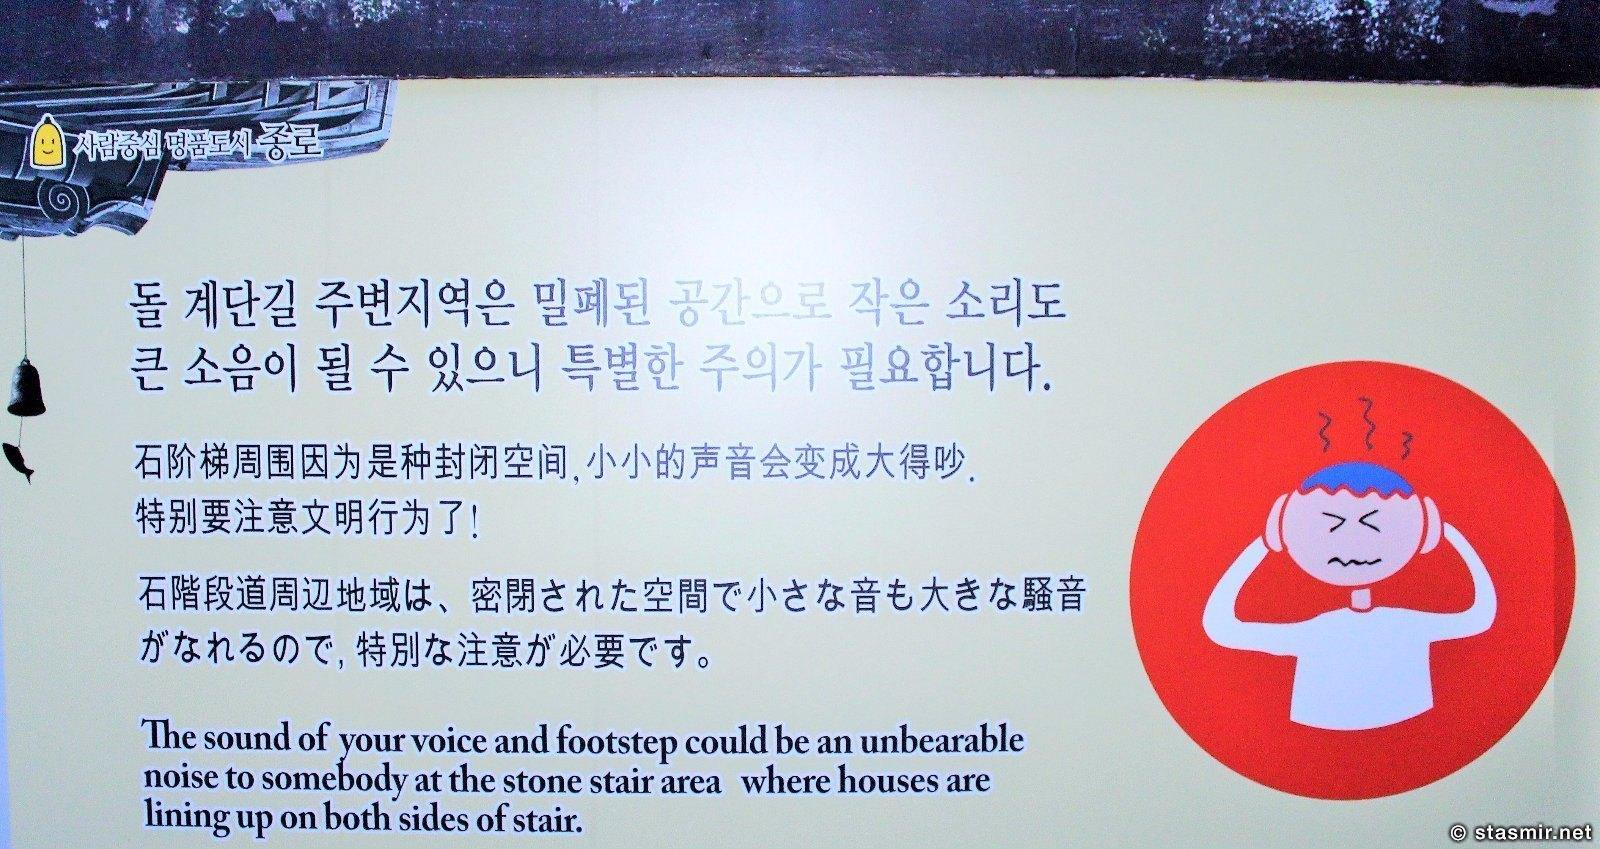 Сеул, Южная Корея, Пукчхон Ханок, традиционная деревня Пукчхон,  дома ханок, Корея, Photo Stasmir, фото Стасмир